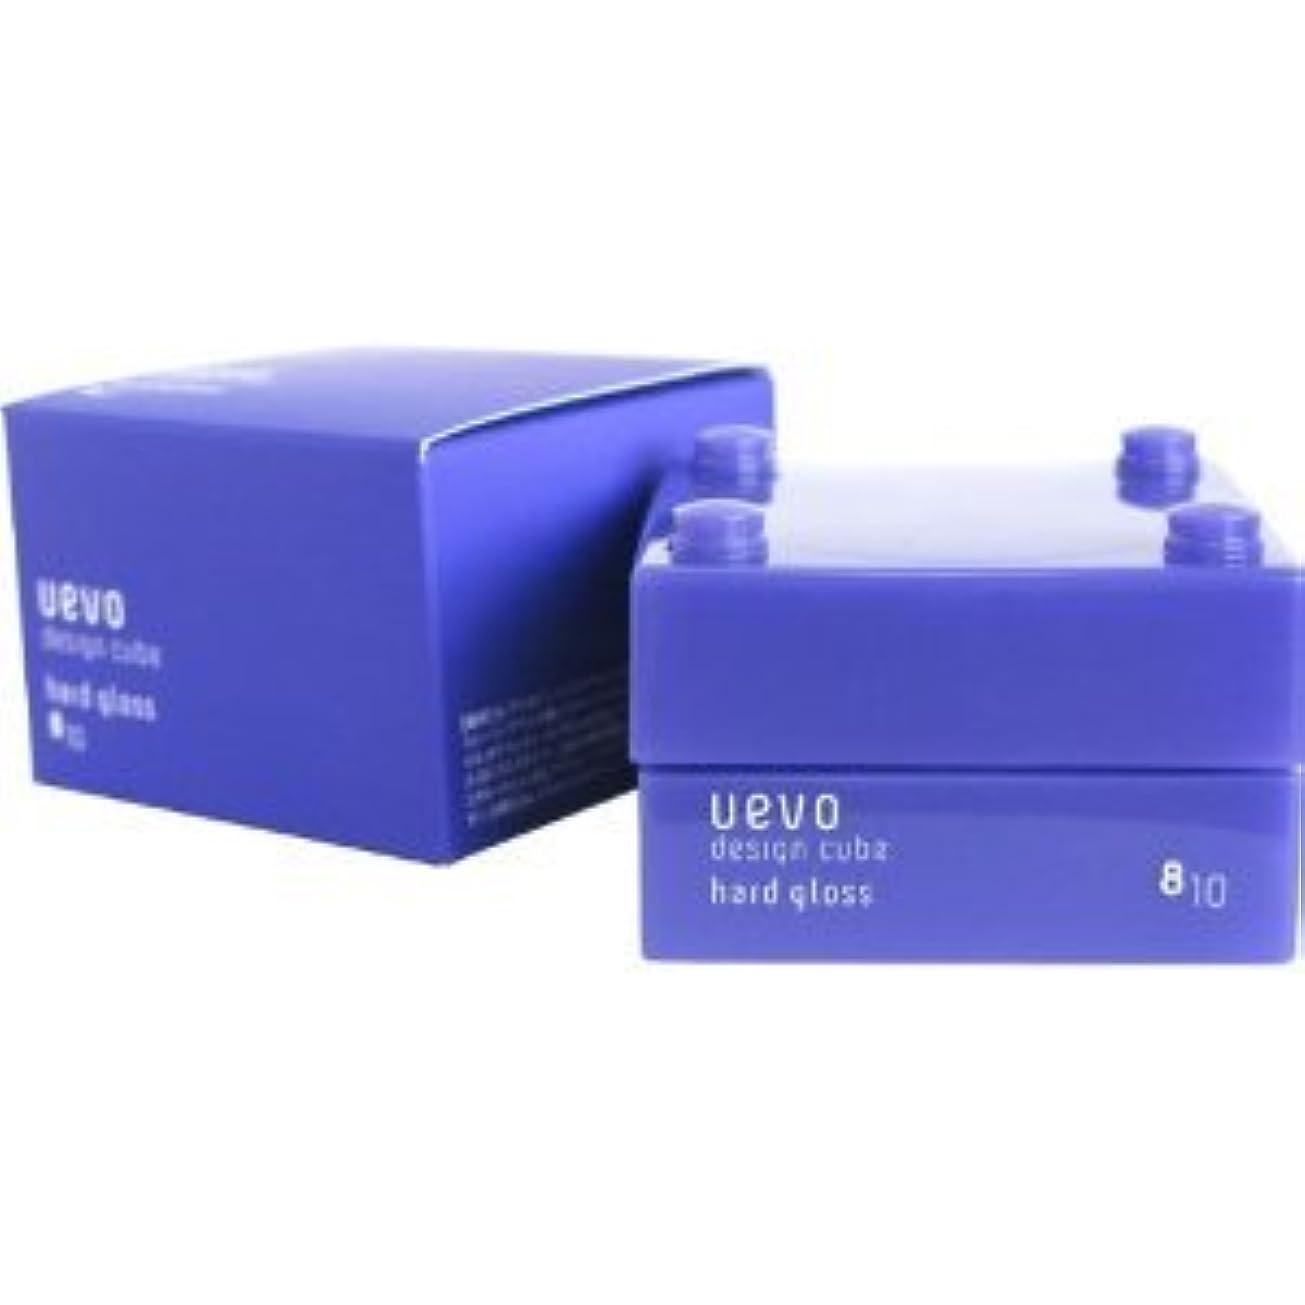 セブン保証するご注意【X3個セット】 デミ ウェーボ デザインキューブ ハードグロス 30g hard gloss DEMI uevo design cube